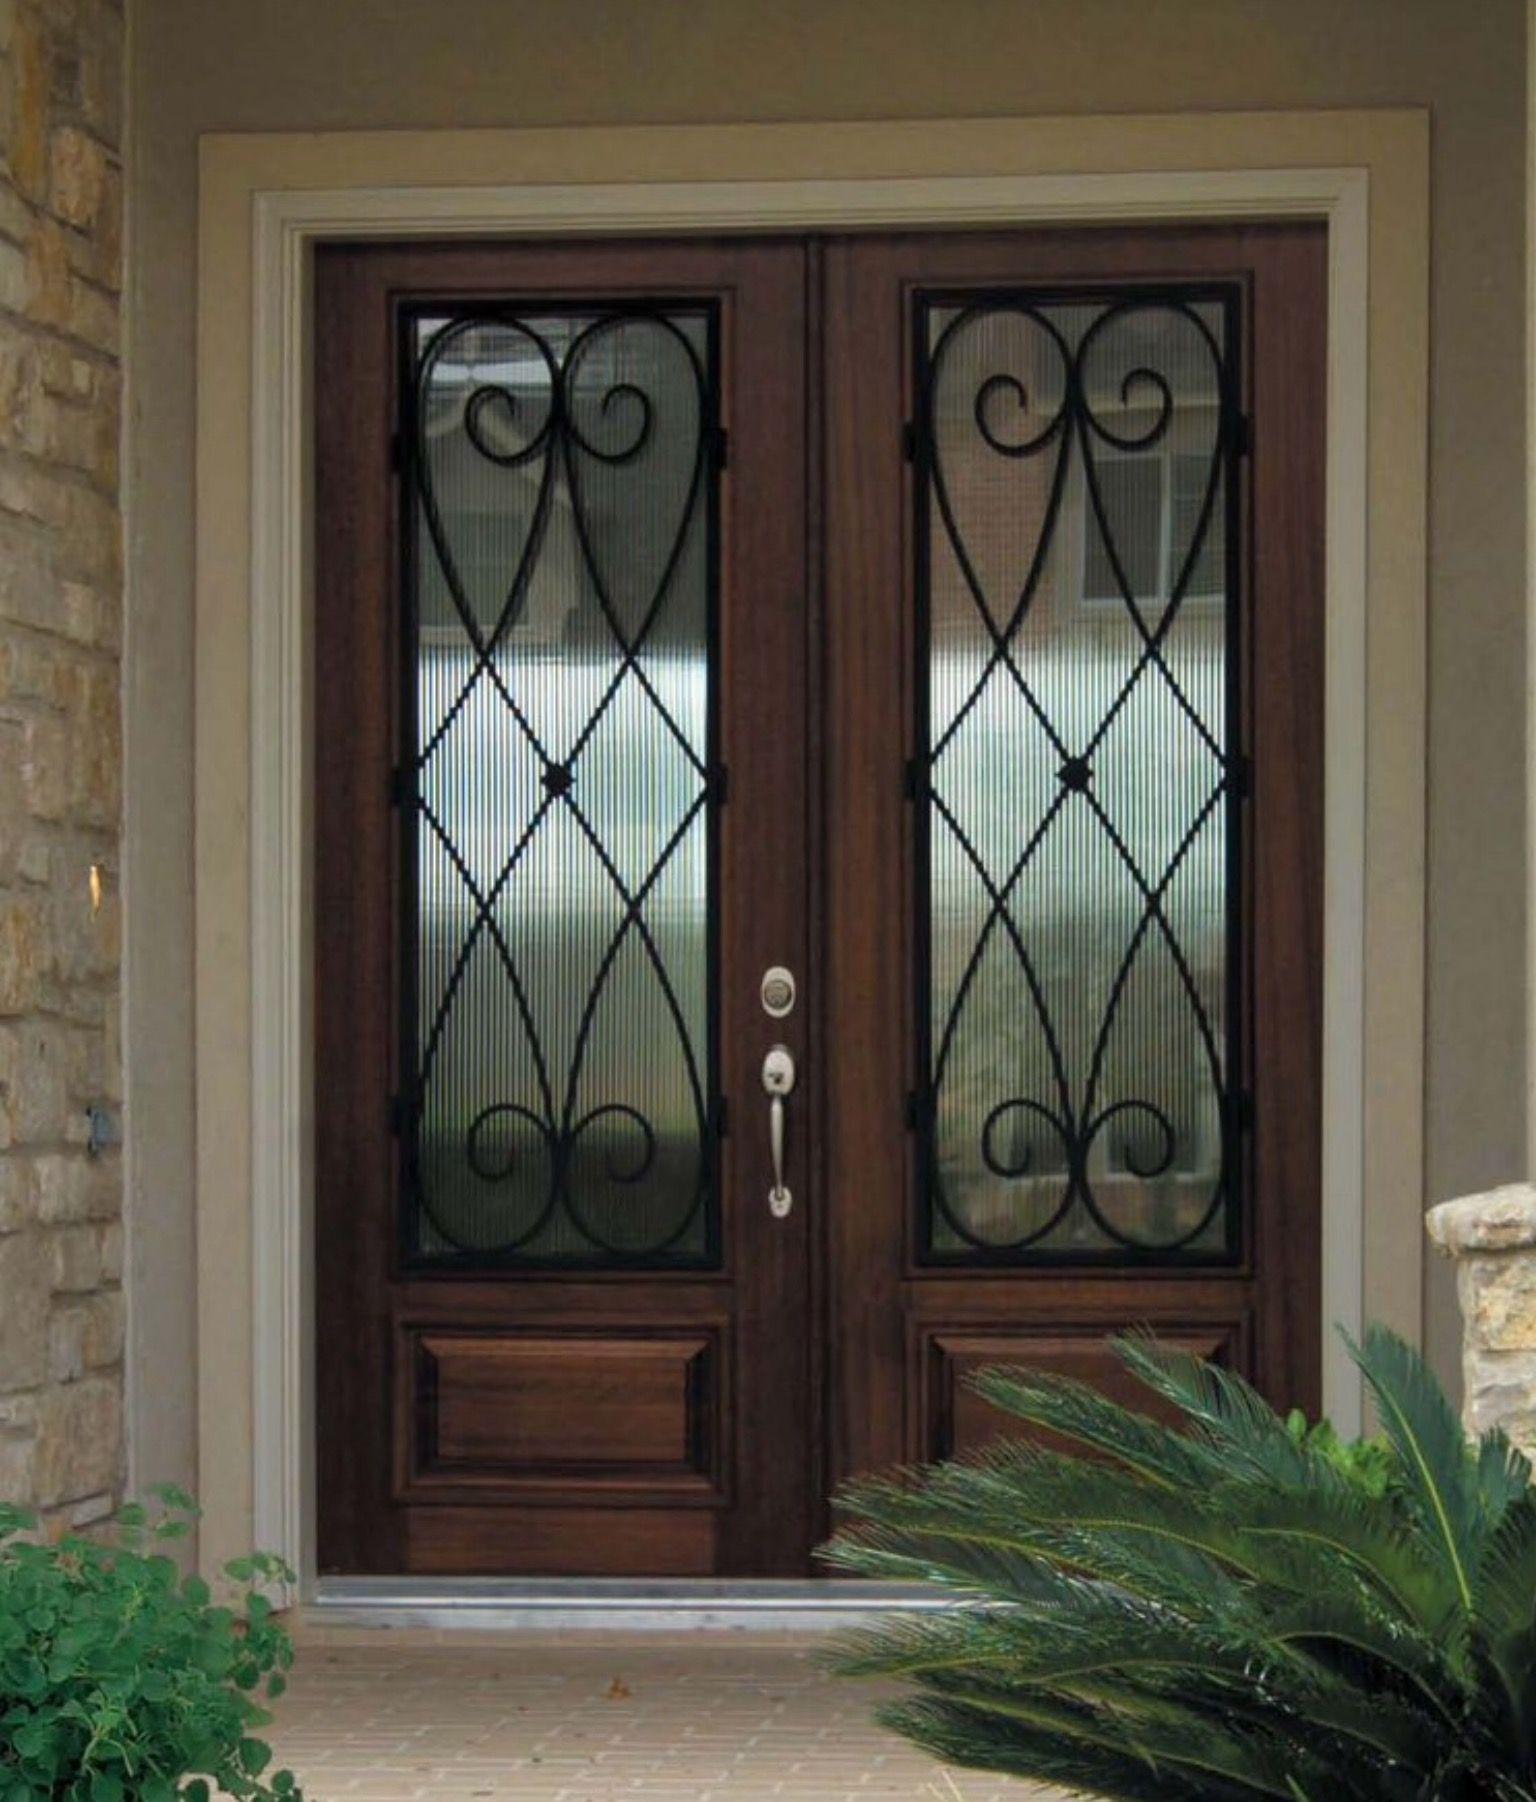 Doors Solid Wood Front Entry Double Doors With Double Door